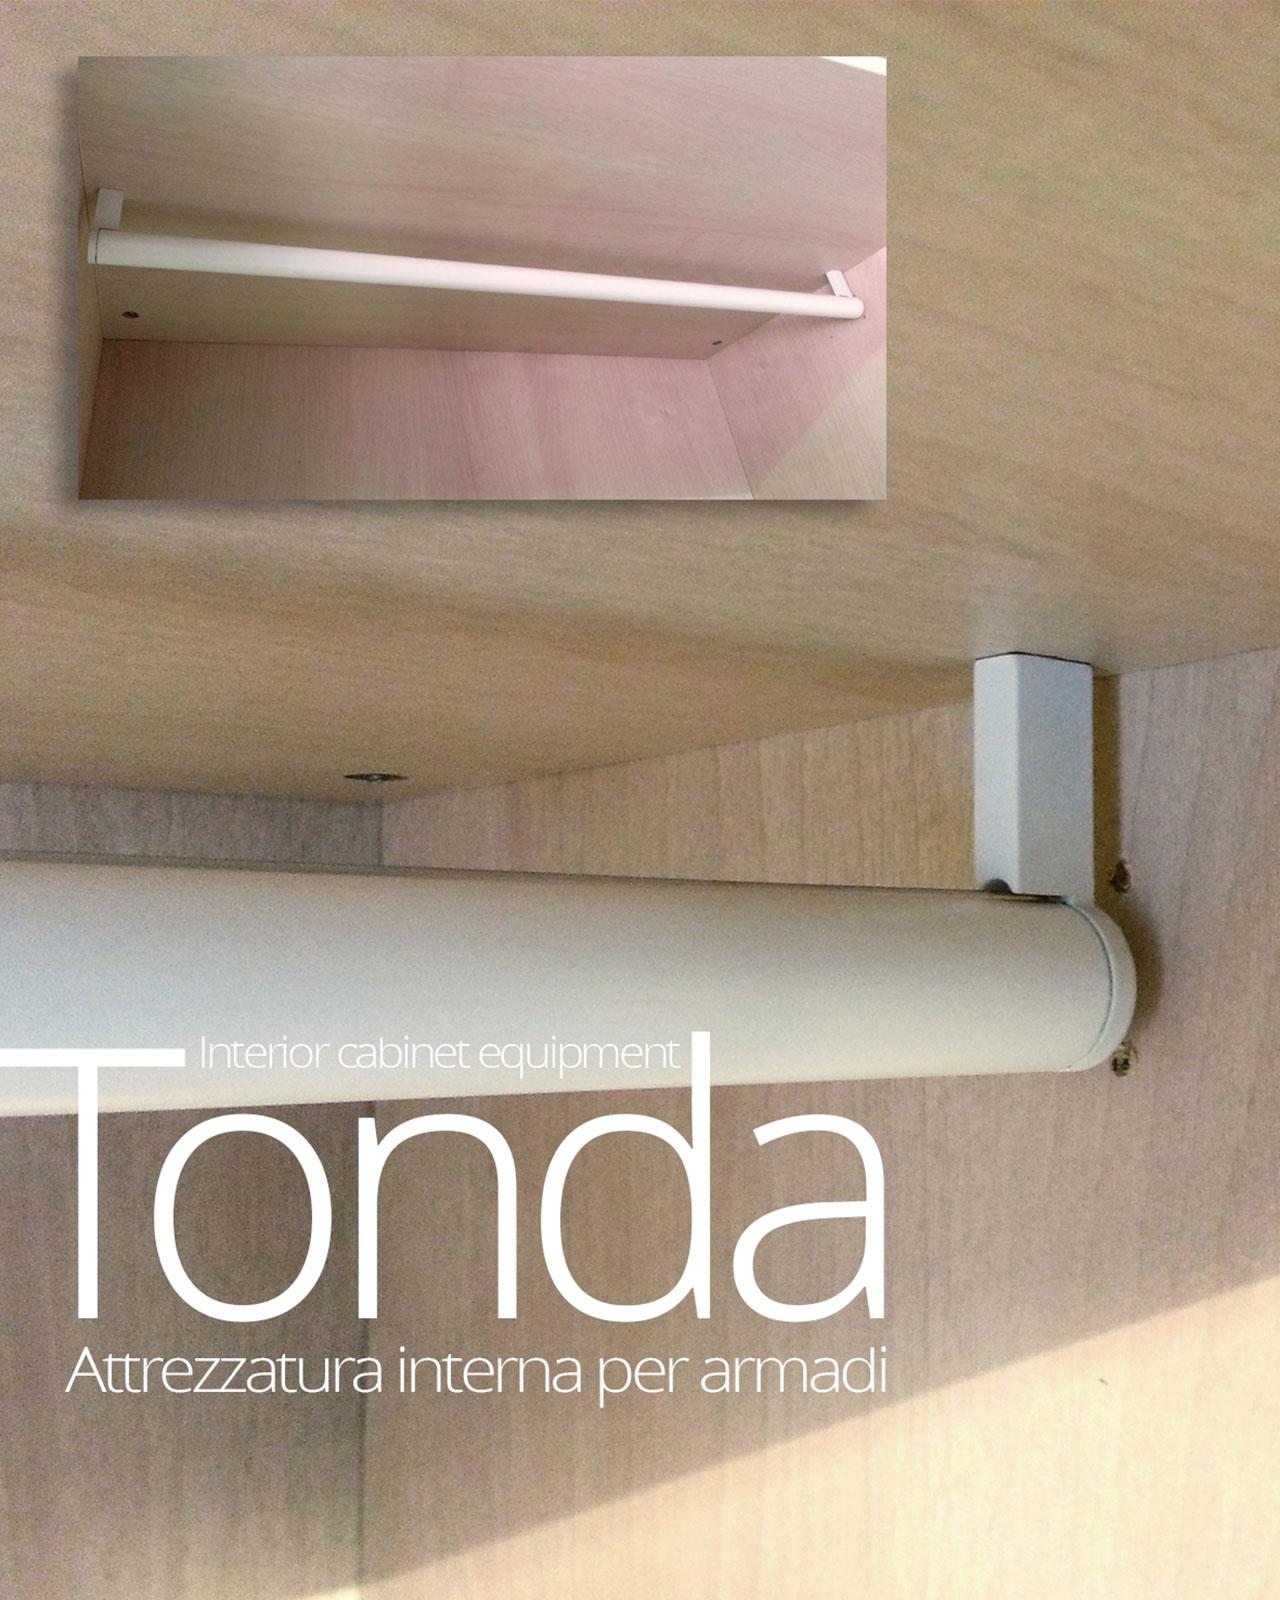 tonda-20x25